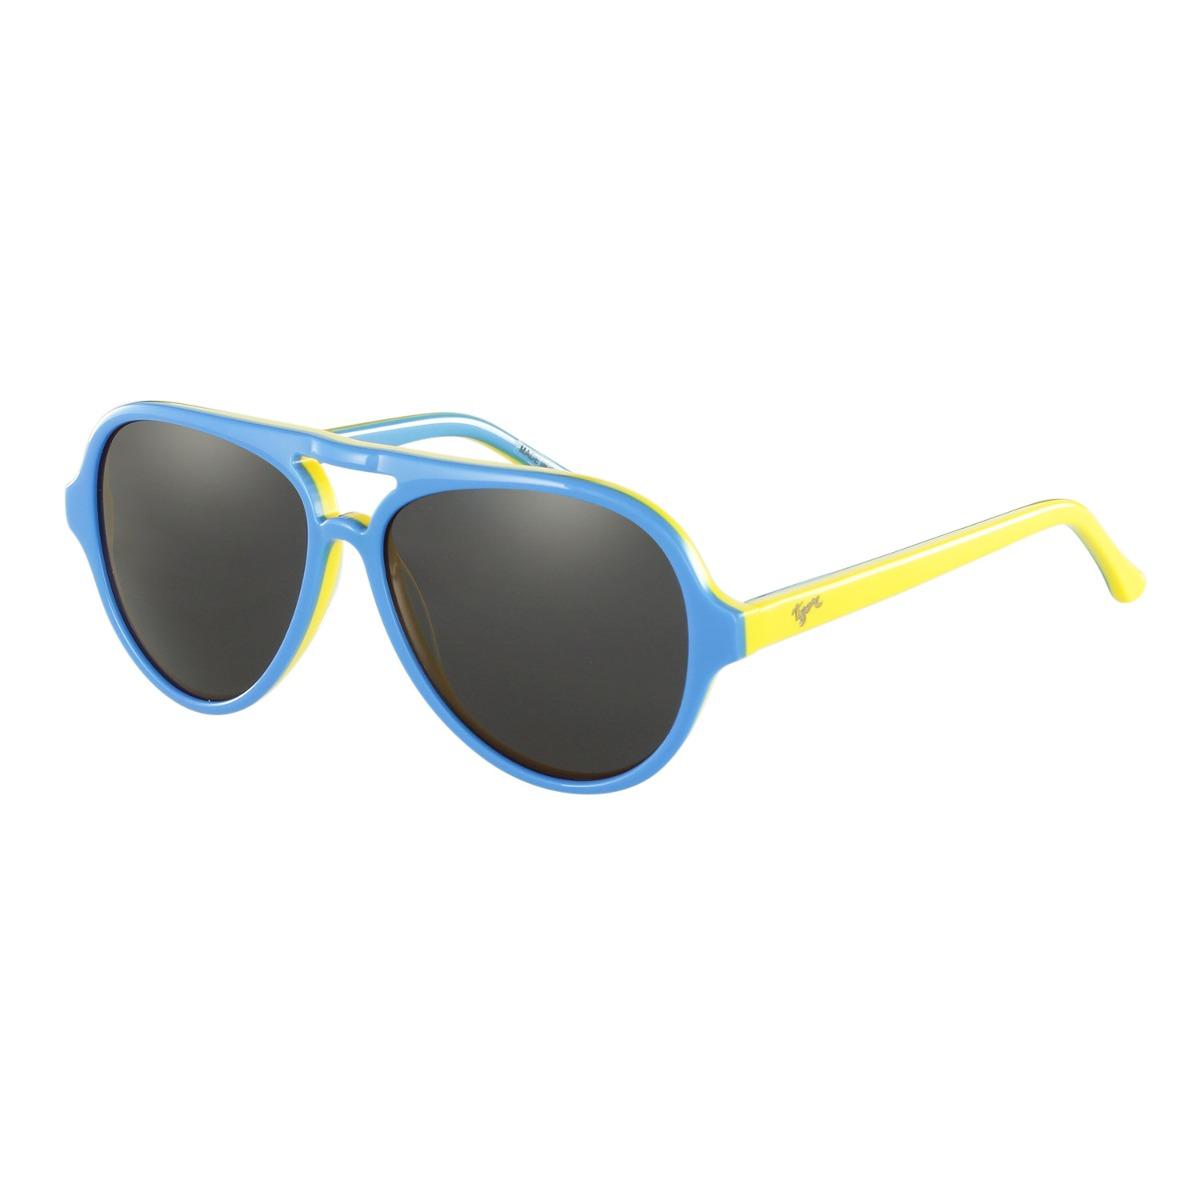 10682a269e625 óculos de sol tigor t tigre aviador azul. Carregando zoom.